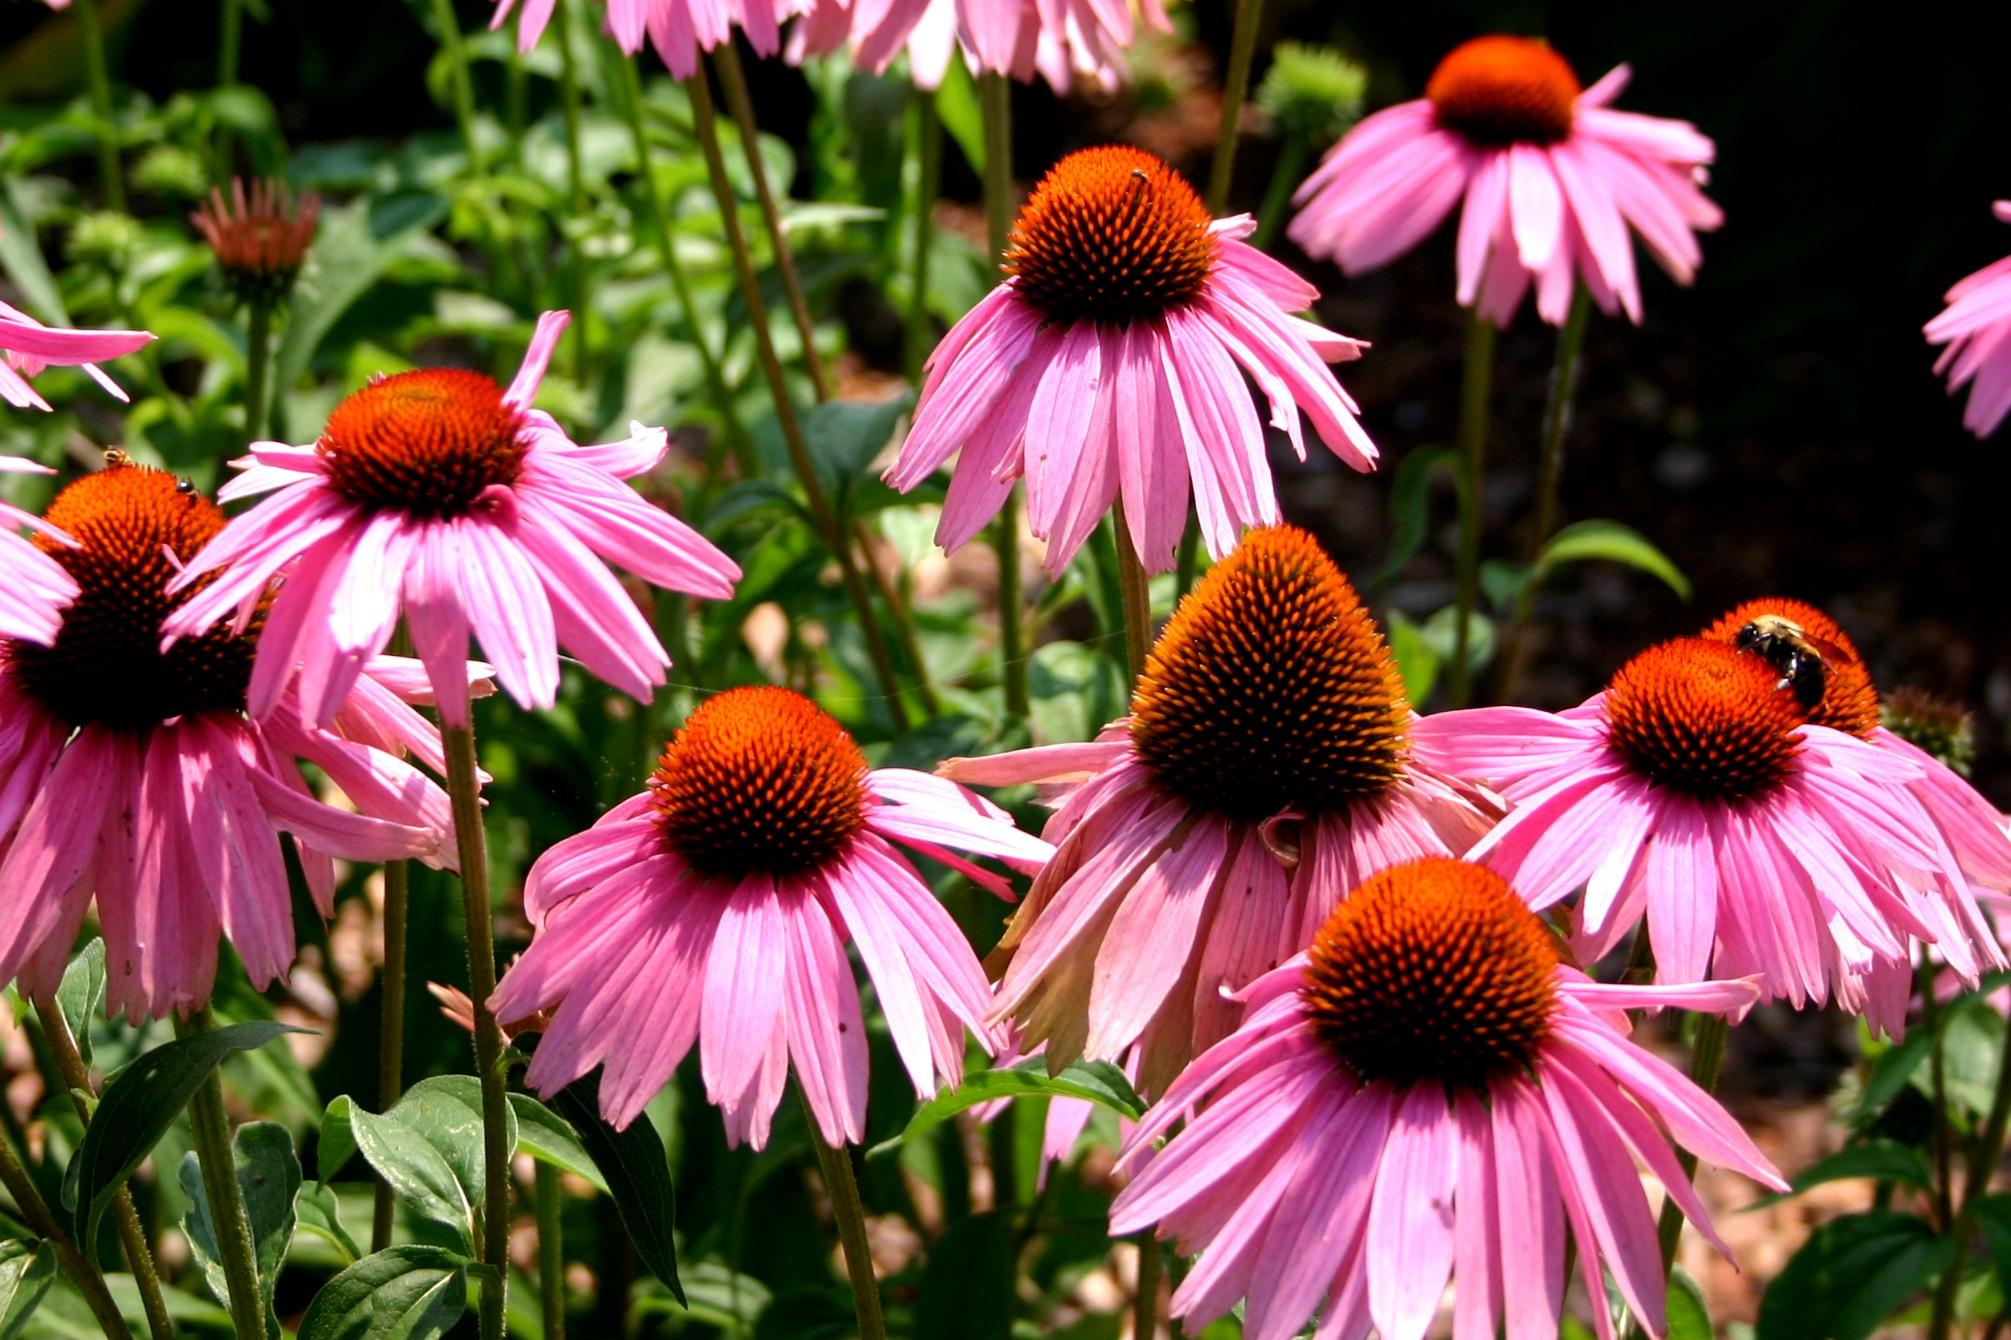 Jeżówka purpurowa Magnus - wieloletnia roślina ogrodowa o różowych kwiatach